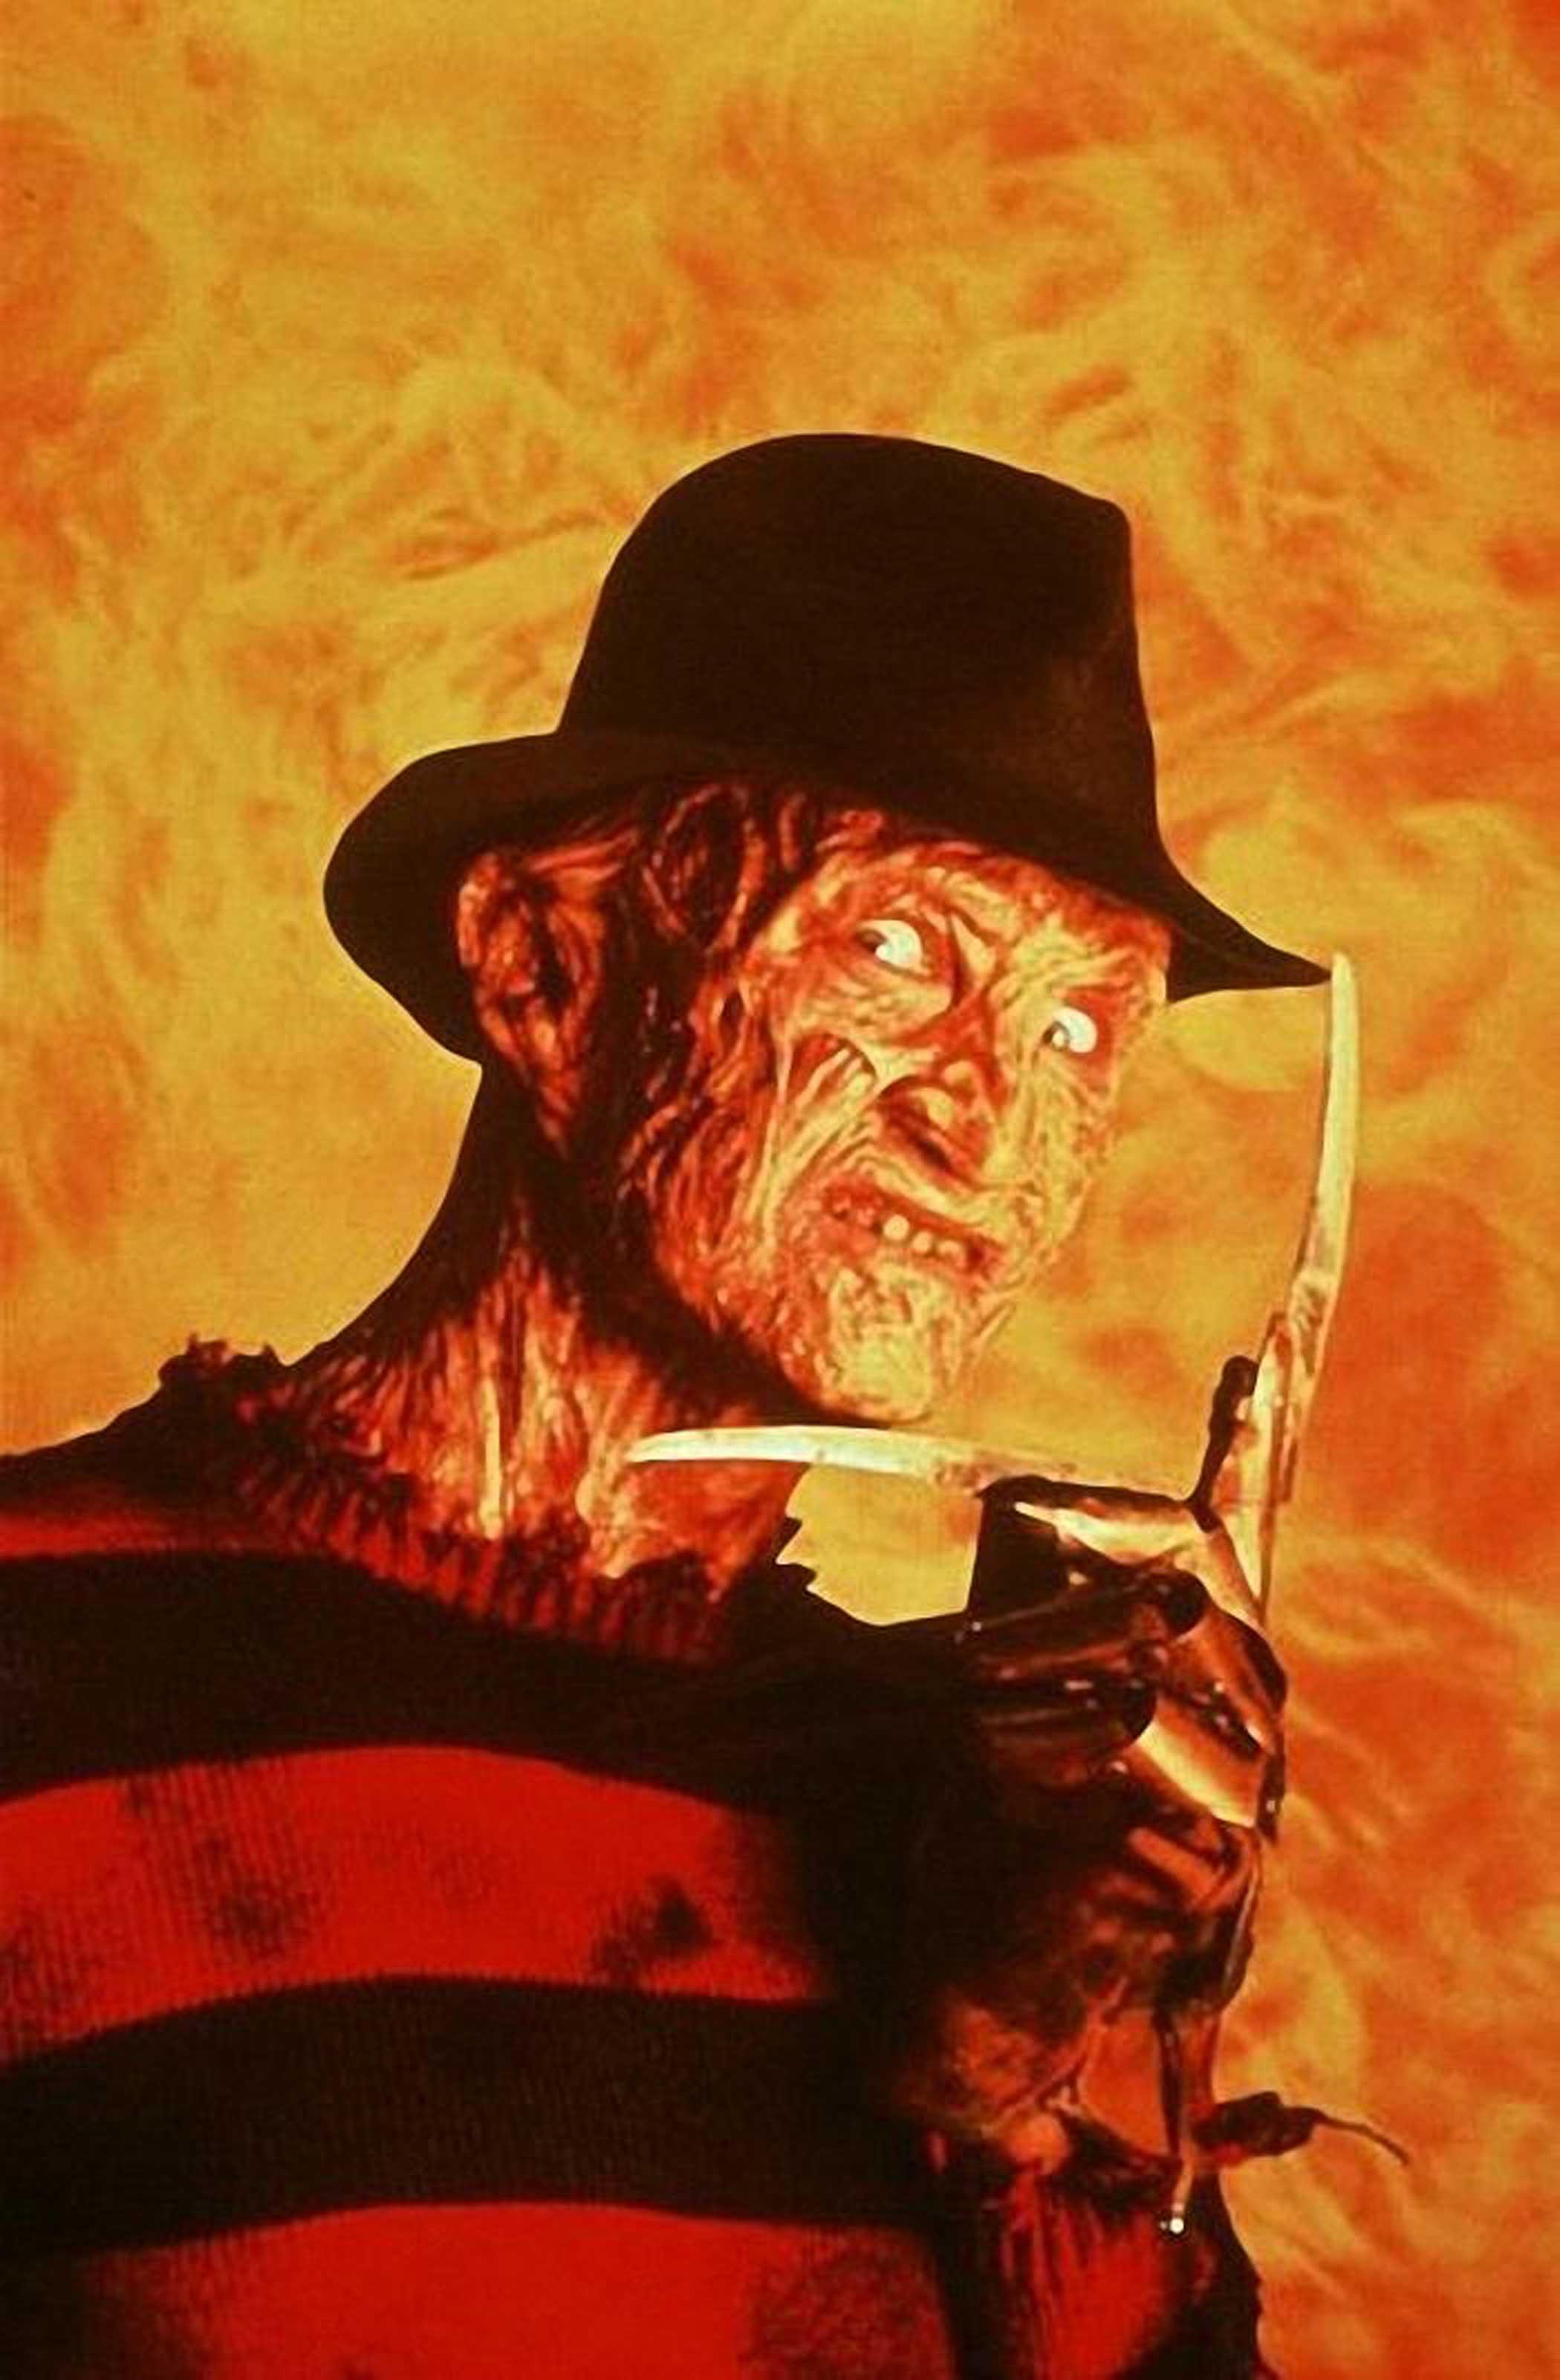 Freddy Krueger from A Nightmare on Elm Street, 1984.